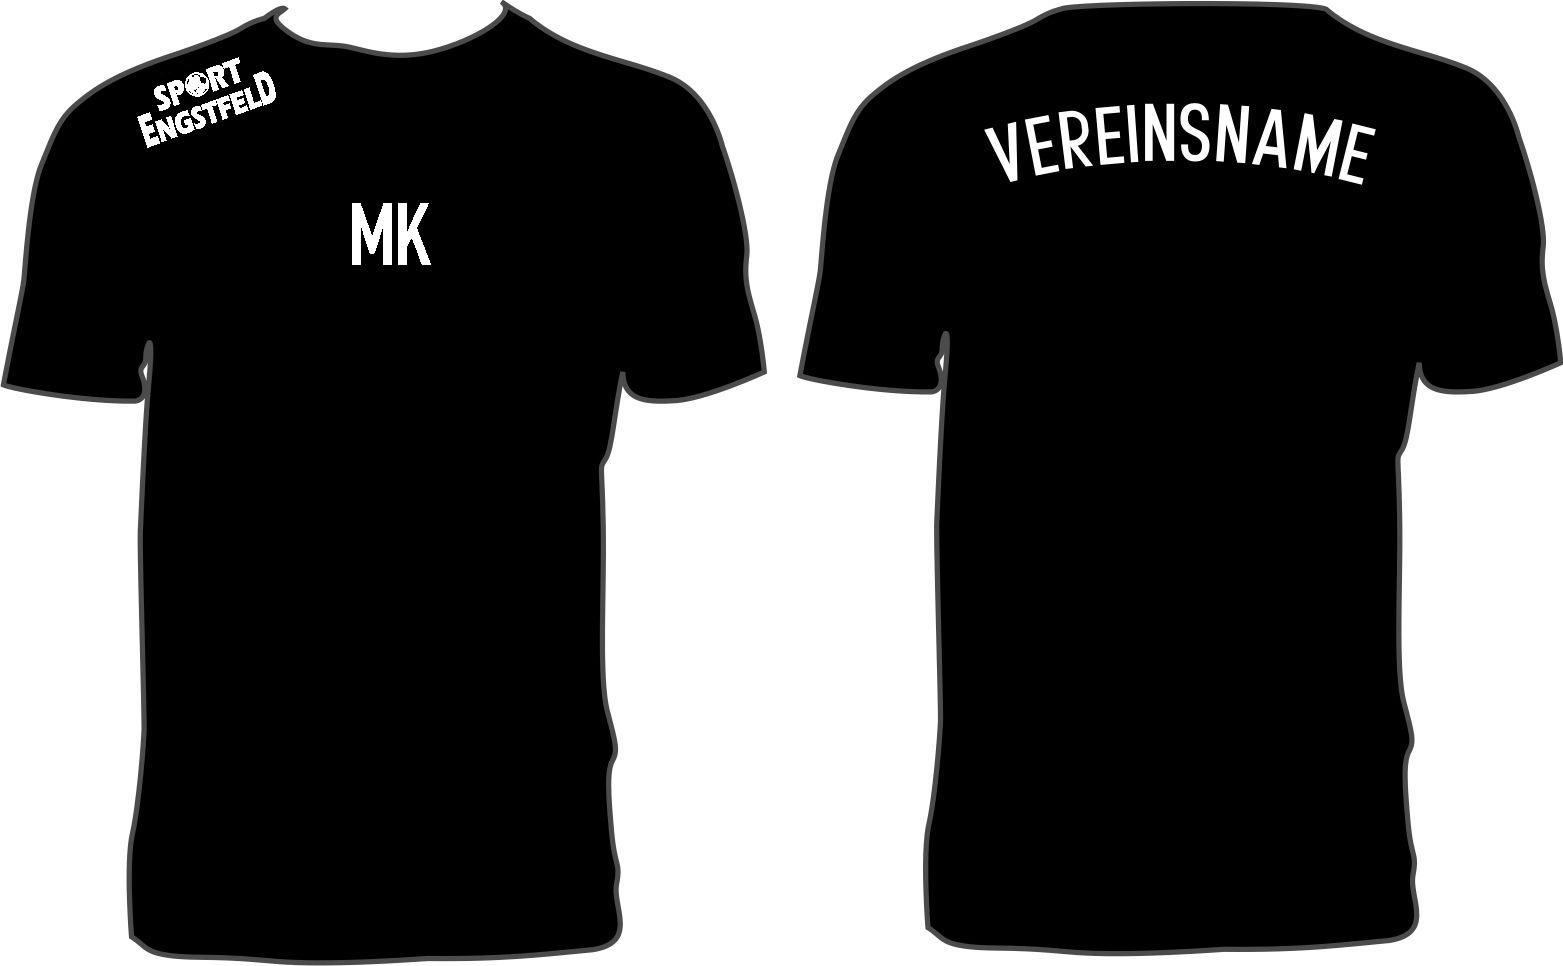 20x Erwachsenen T-Shirts inkl Vereinsnamen + Initialien oder kleiner Nummer